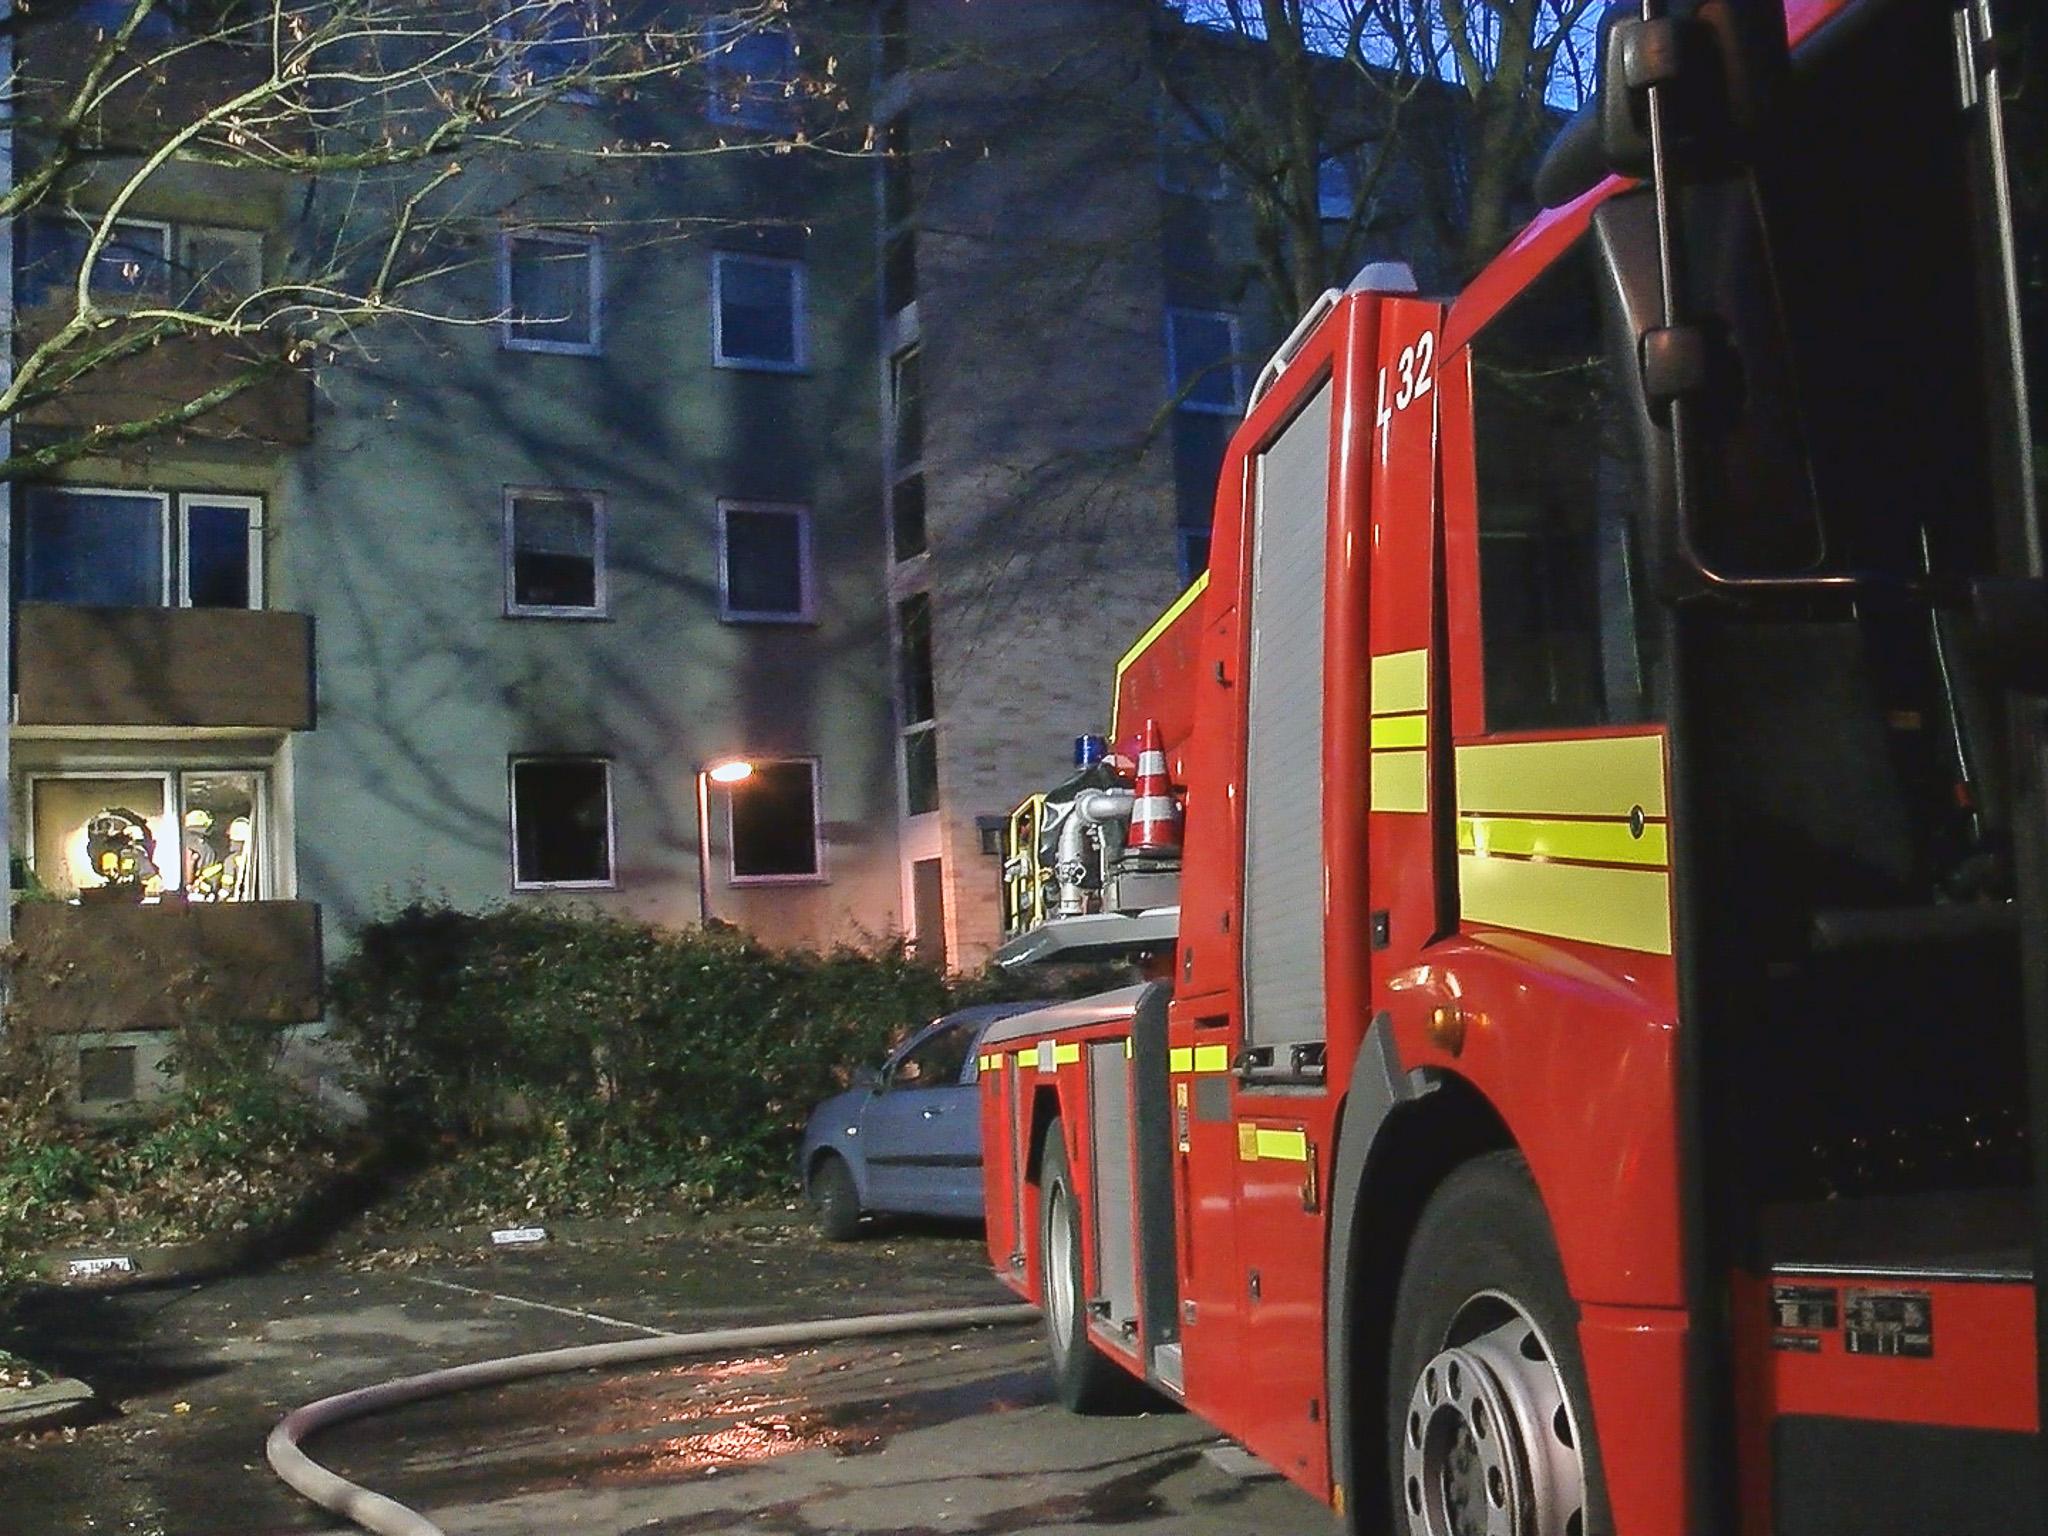 Zwei Hausbewohner mussten mittels einer Drehleiter aus dem Gebäude gerettet werden. Foto: Pascal Höfig